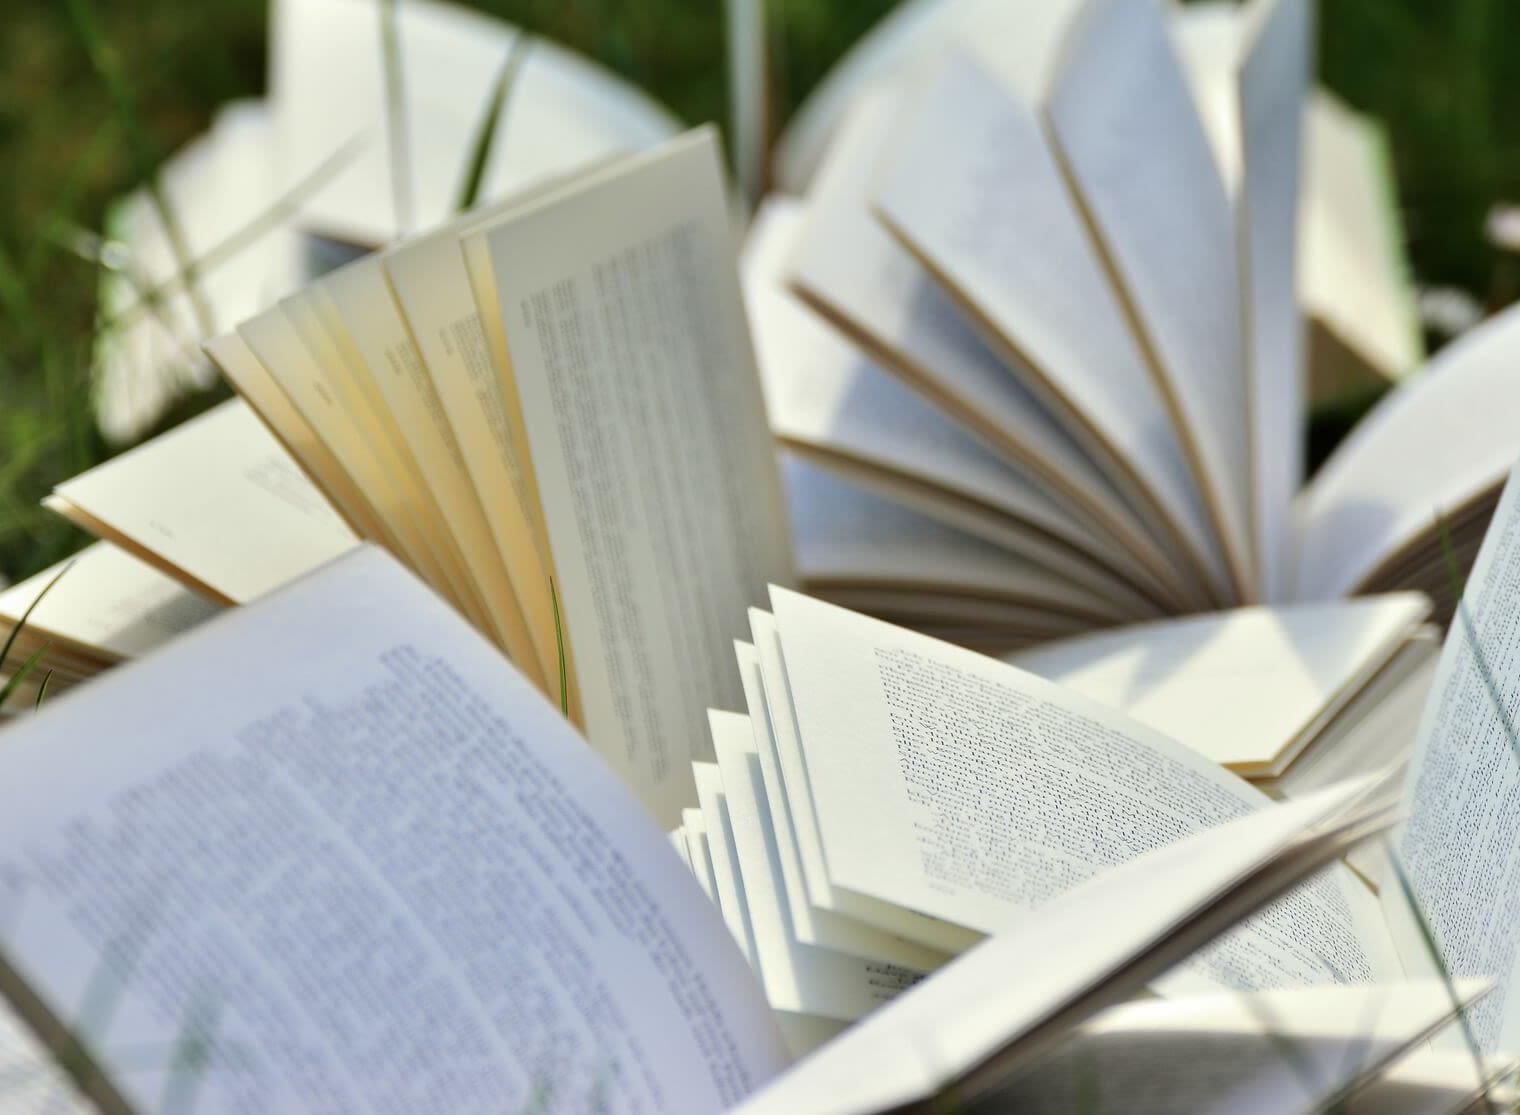 Bøger, åbne